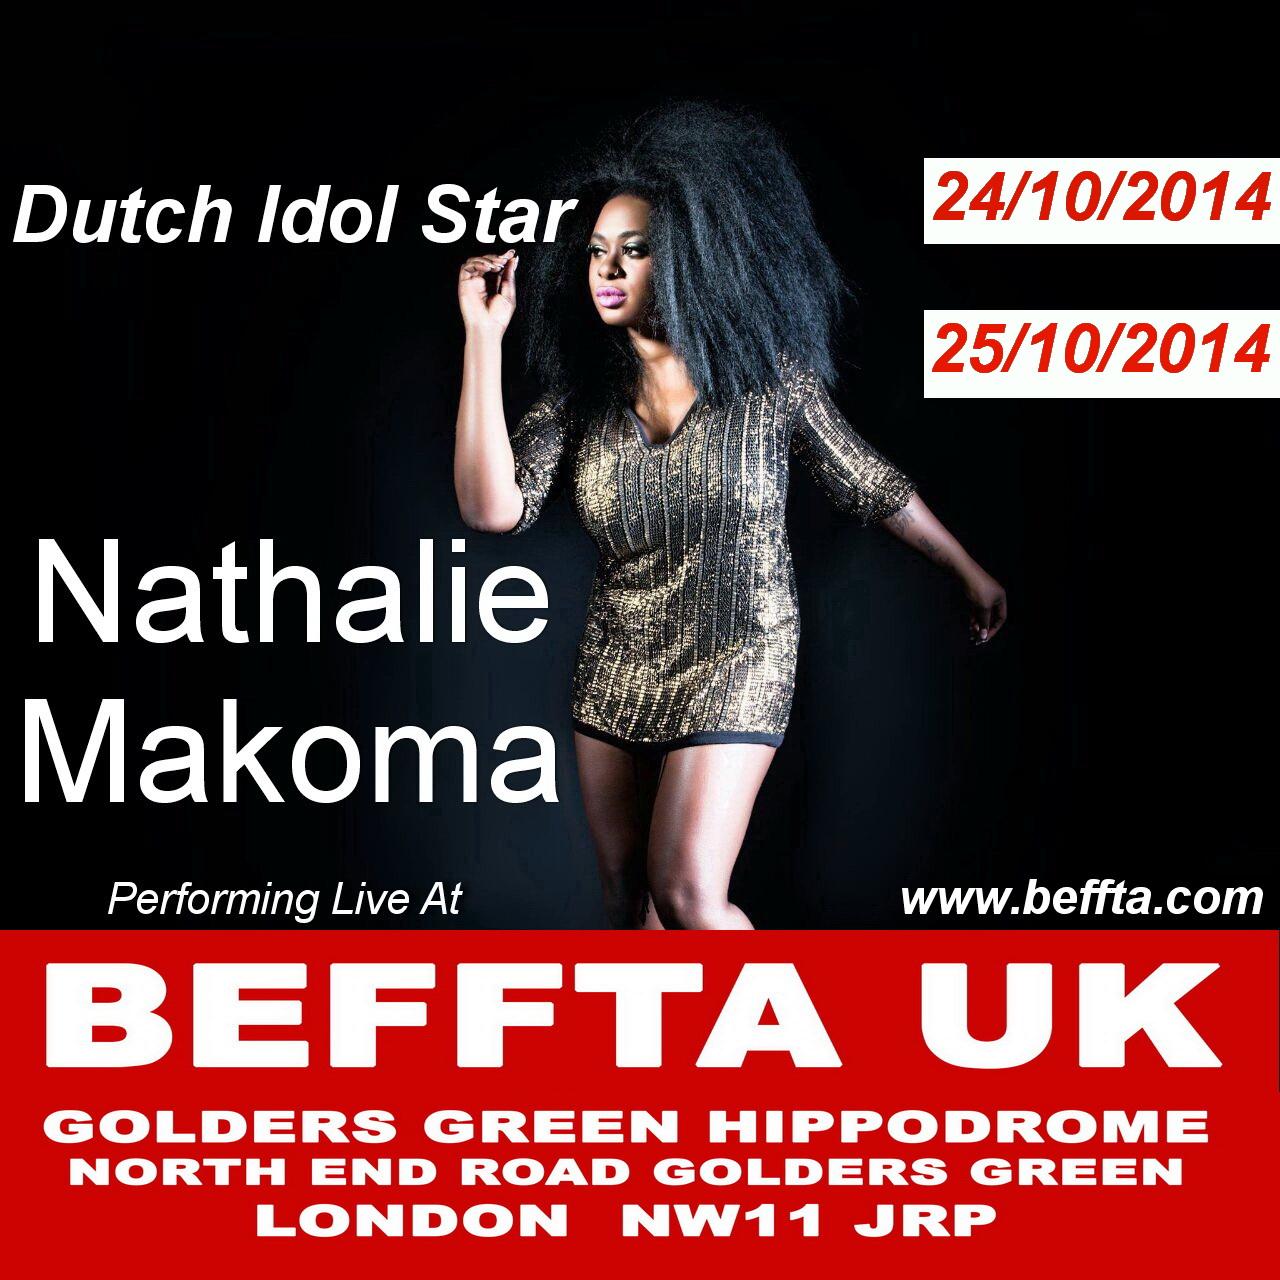 Dutch celebrity news